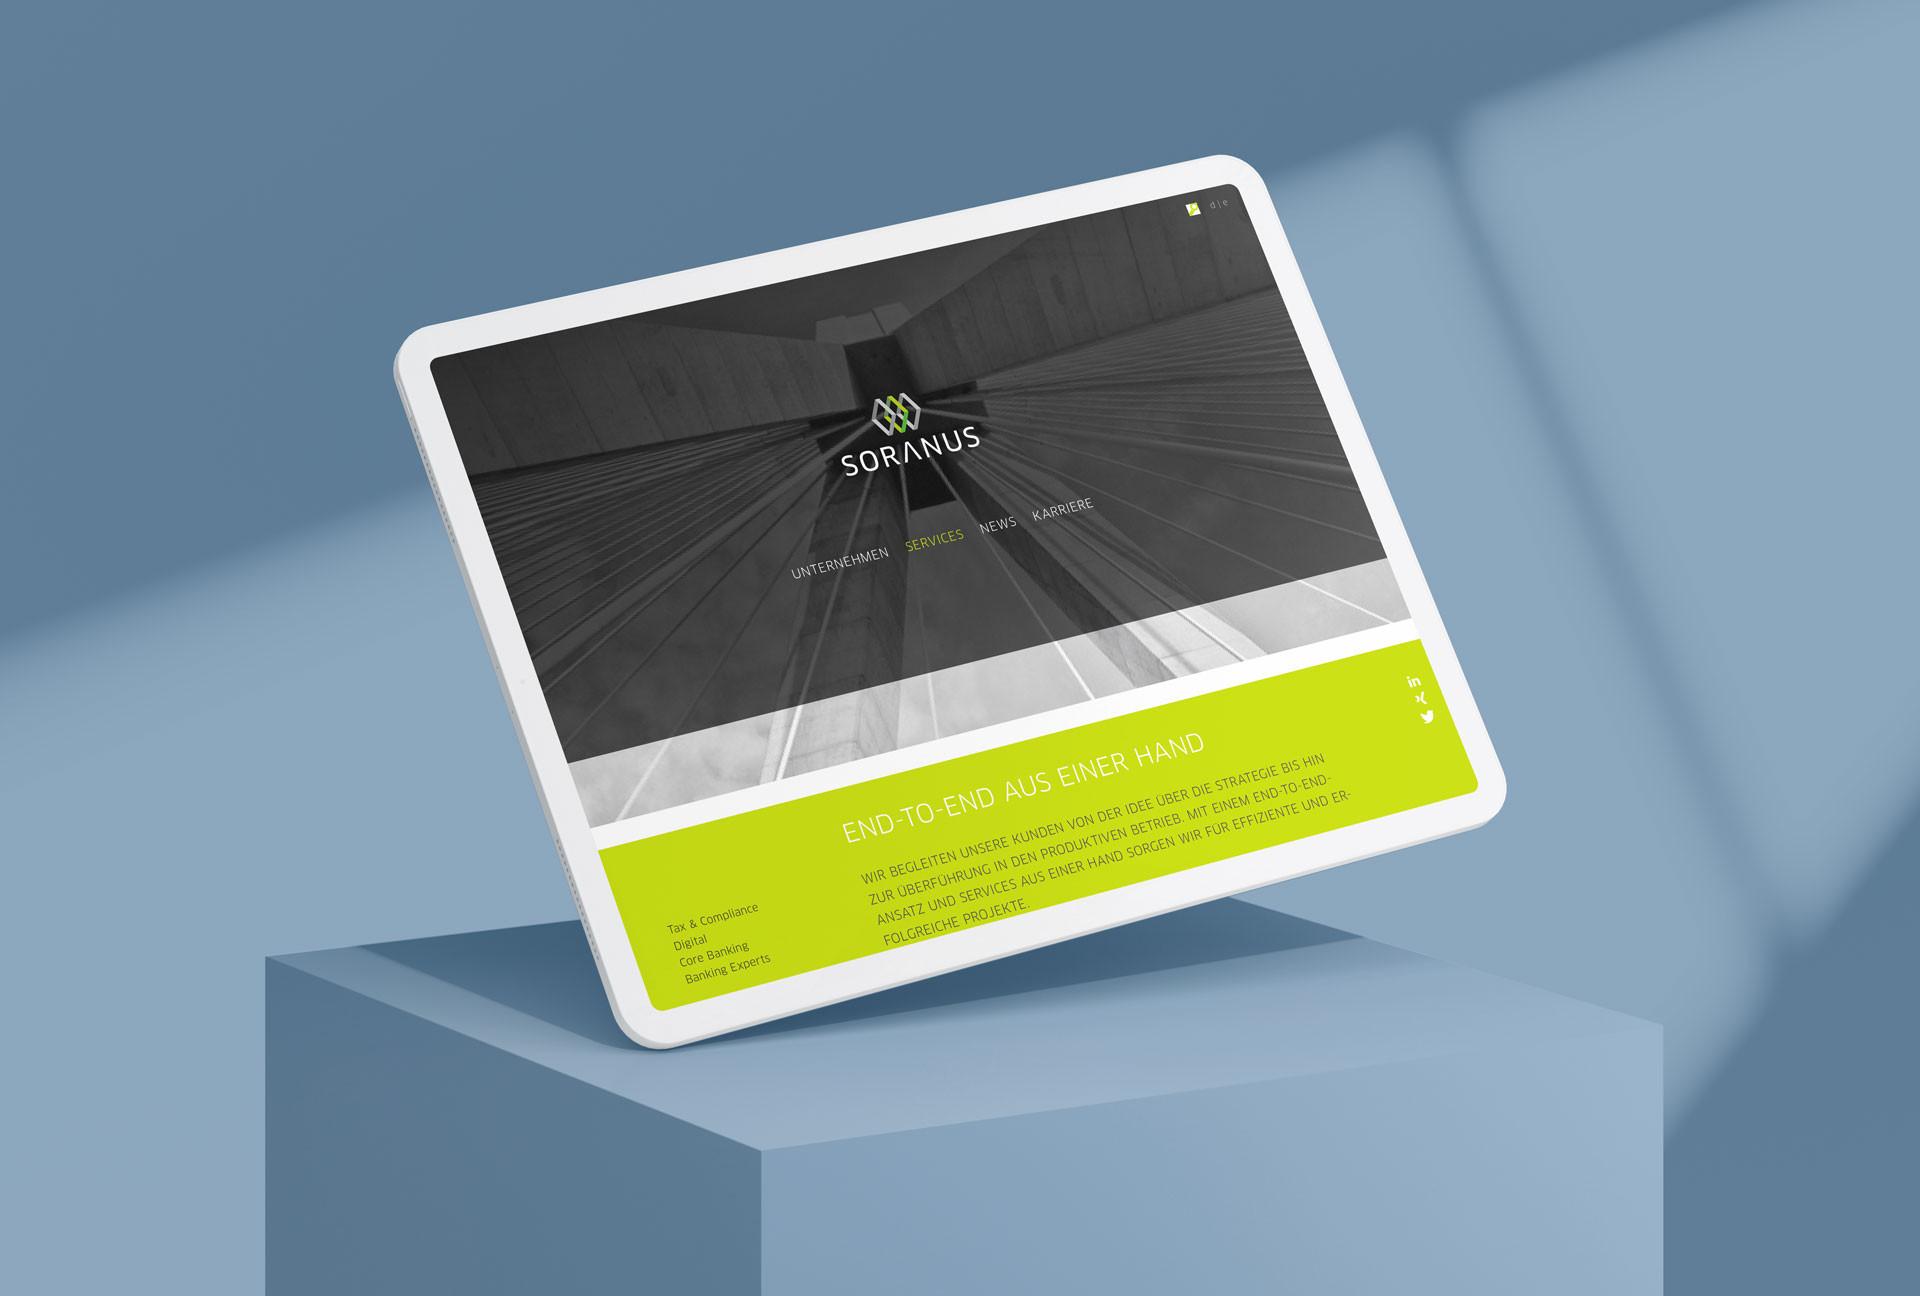 Soranus_iPad_1.jpg